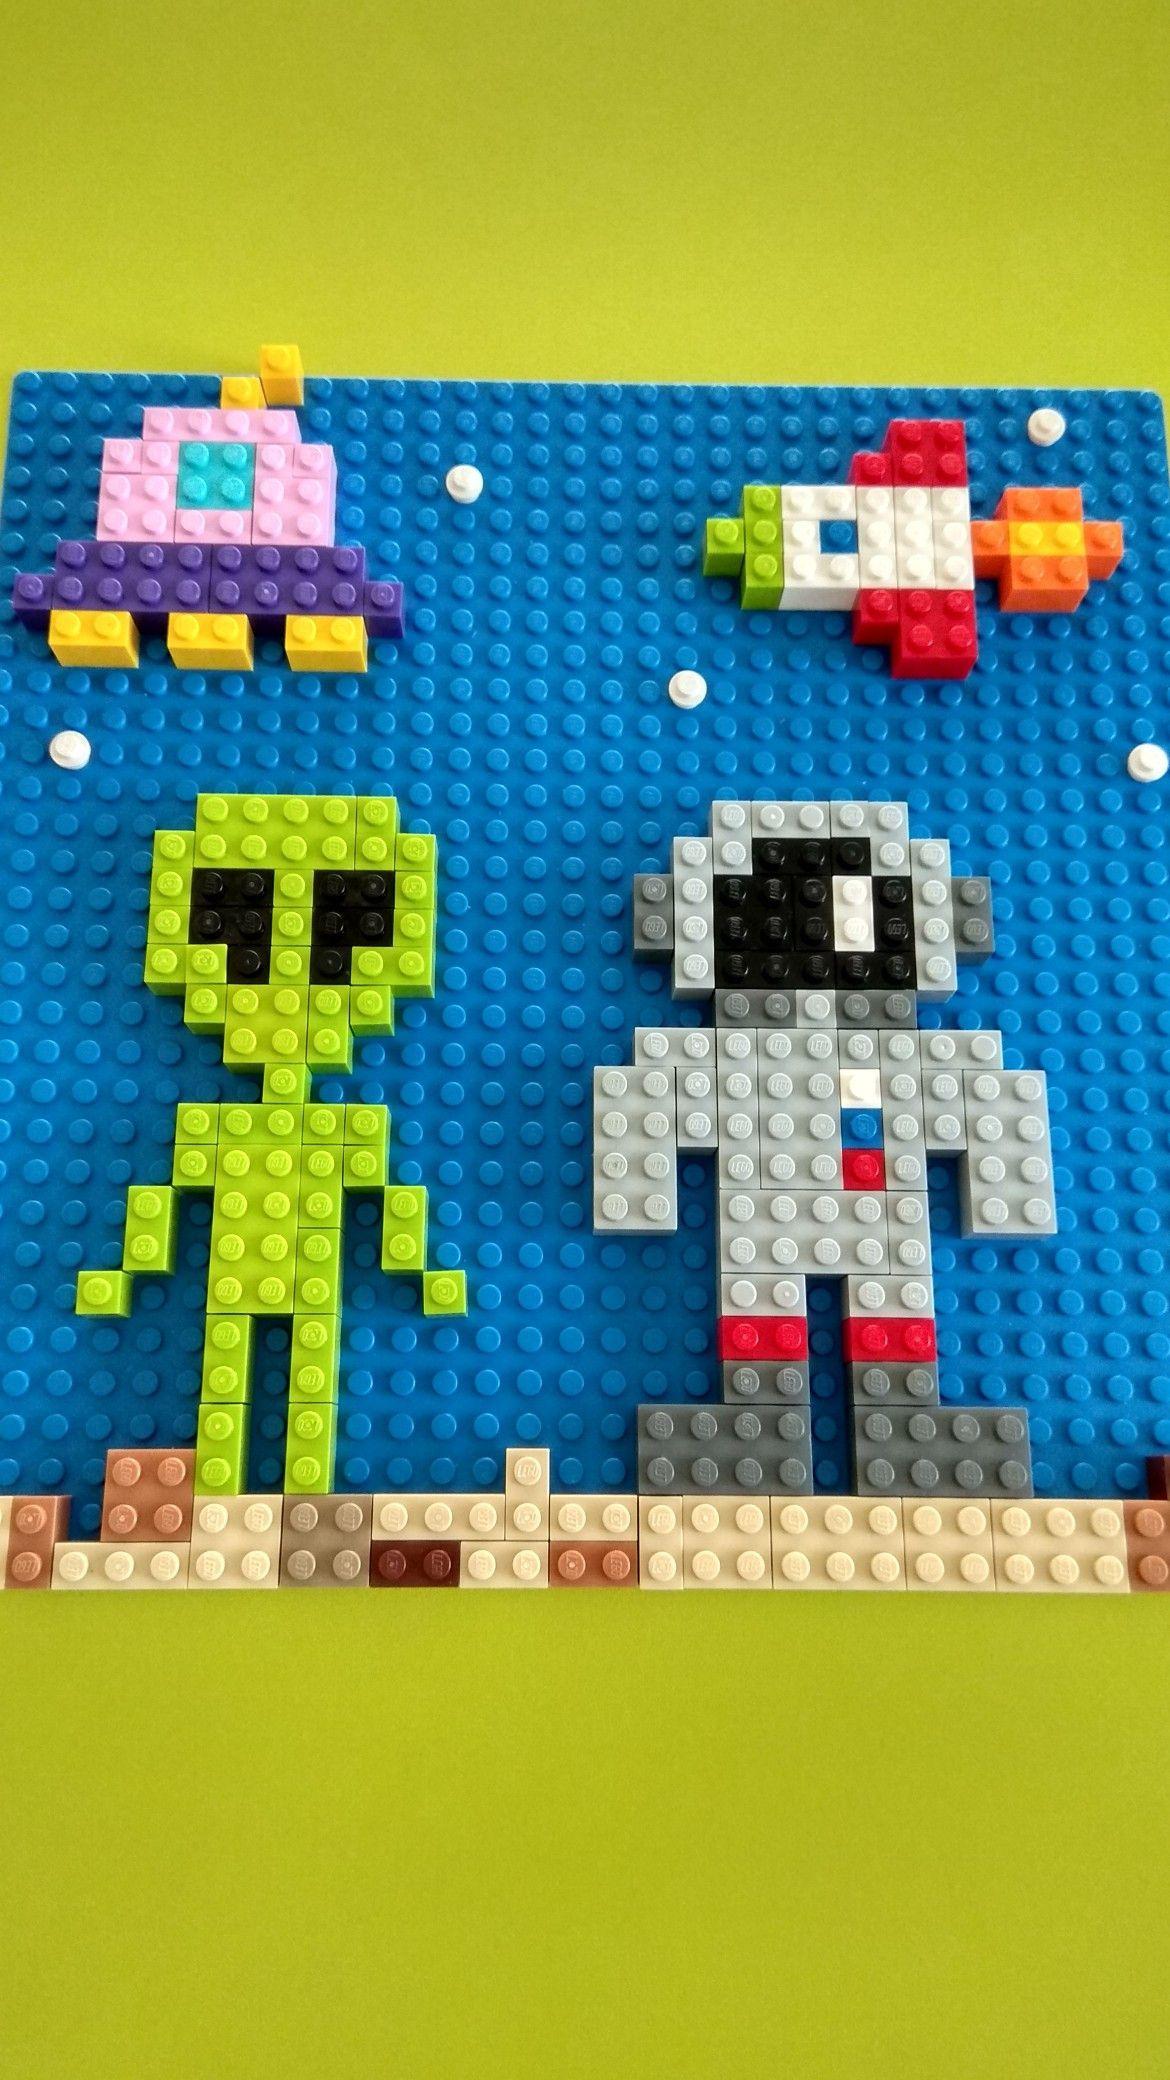 Картинки по запросу лего мозаика | Лего проекты, Лего ...